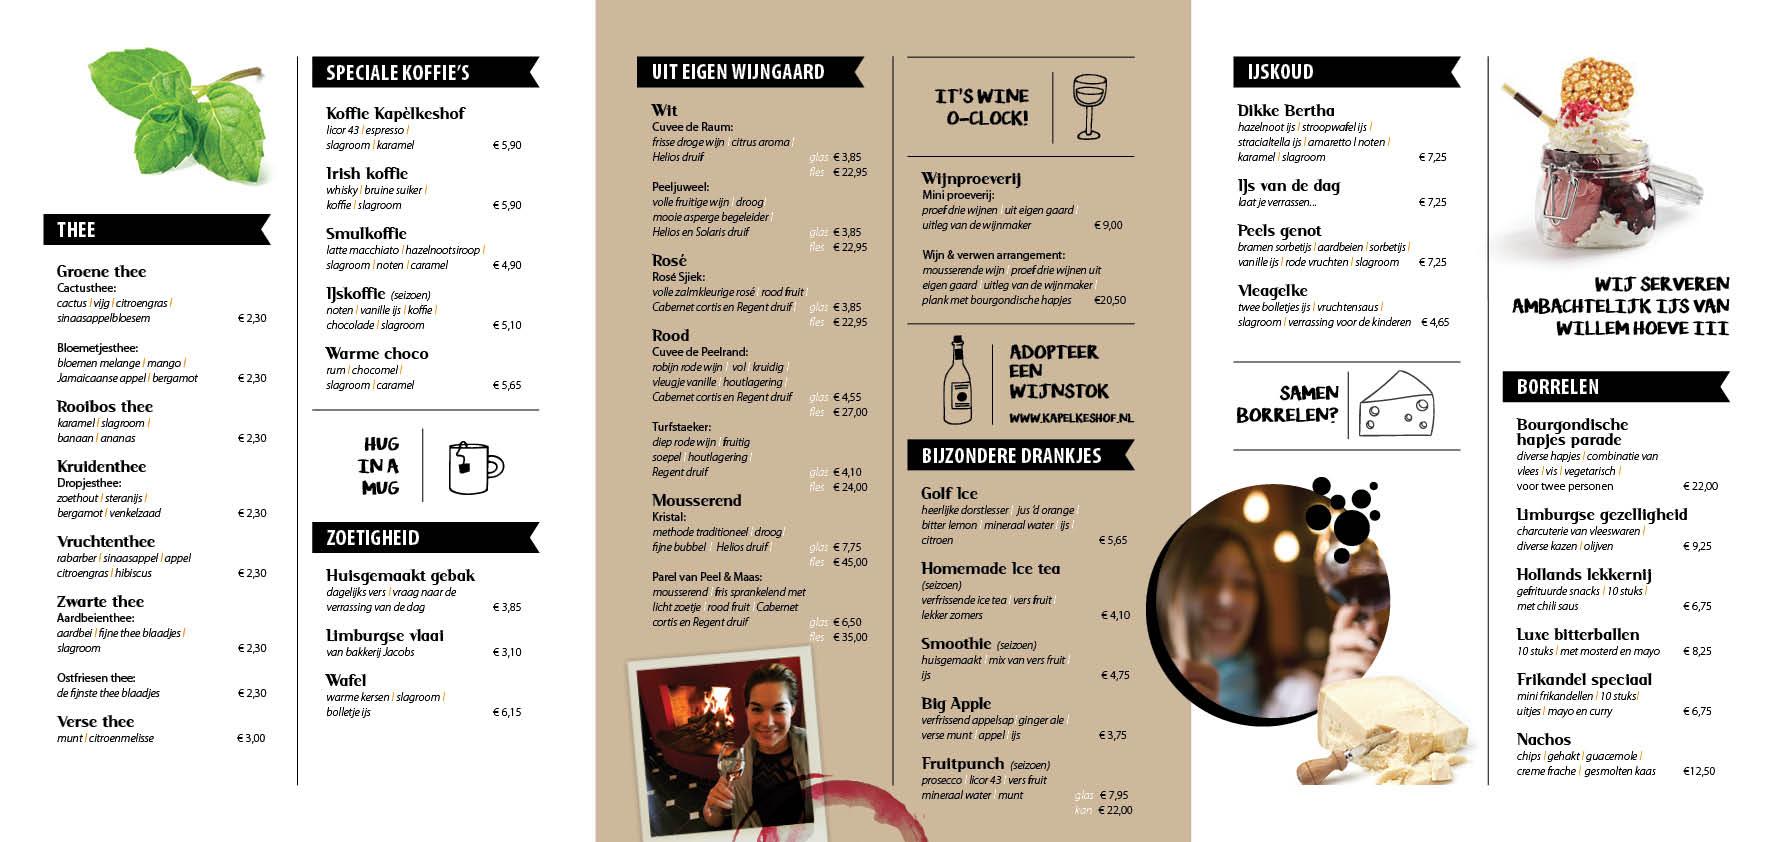 Kapelkeshof_menu_drieluik_2019 628x2972